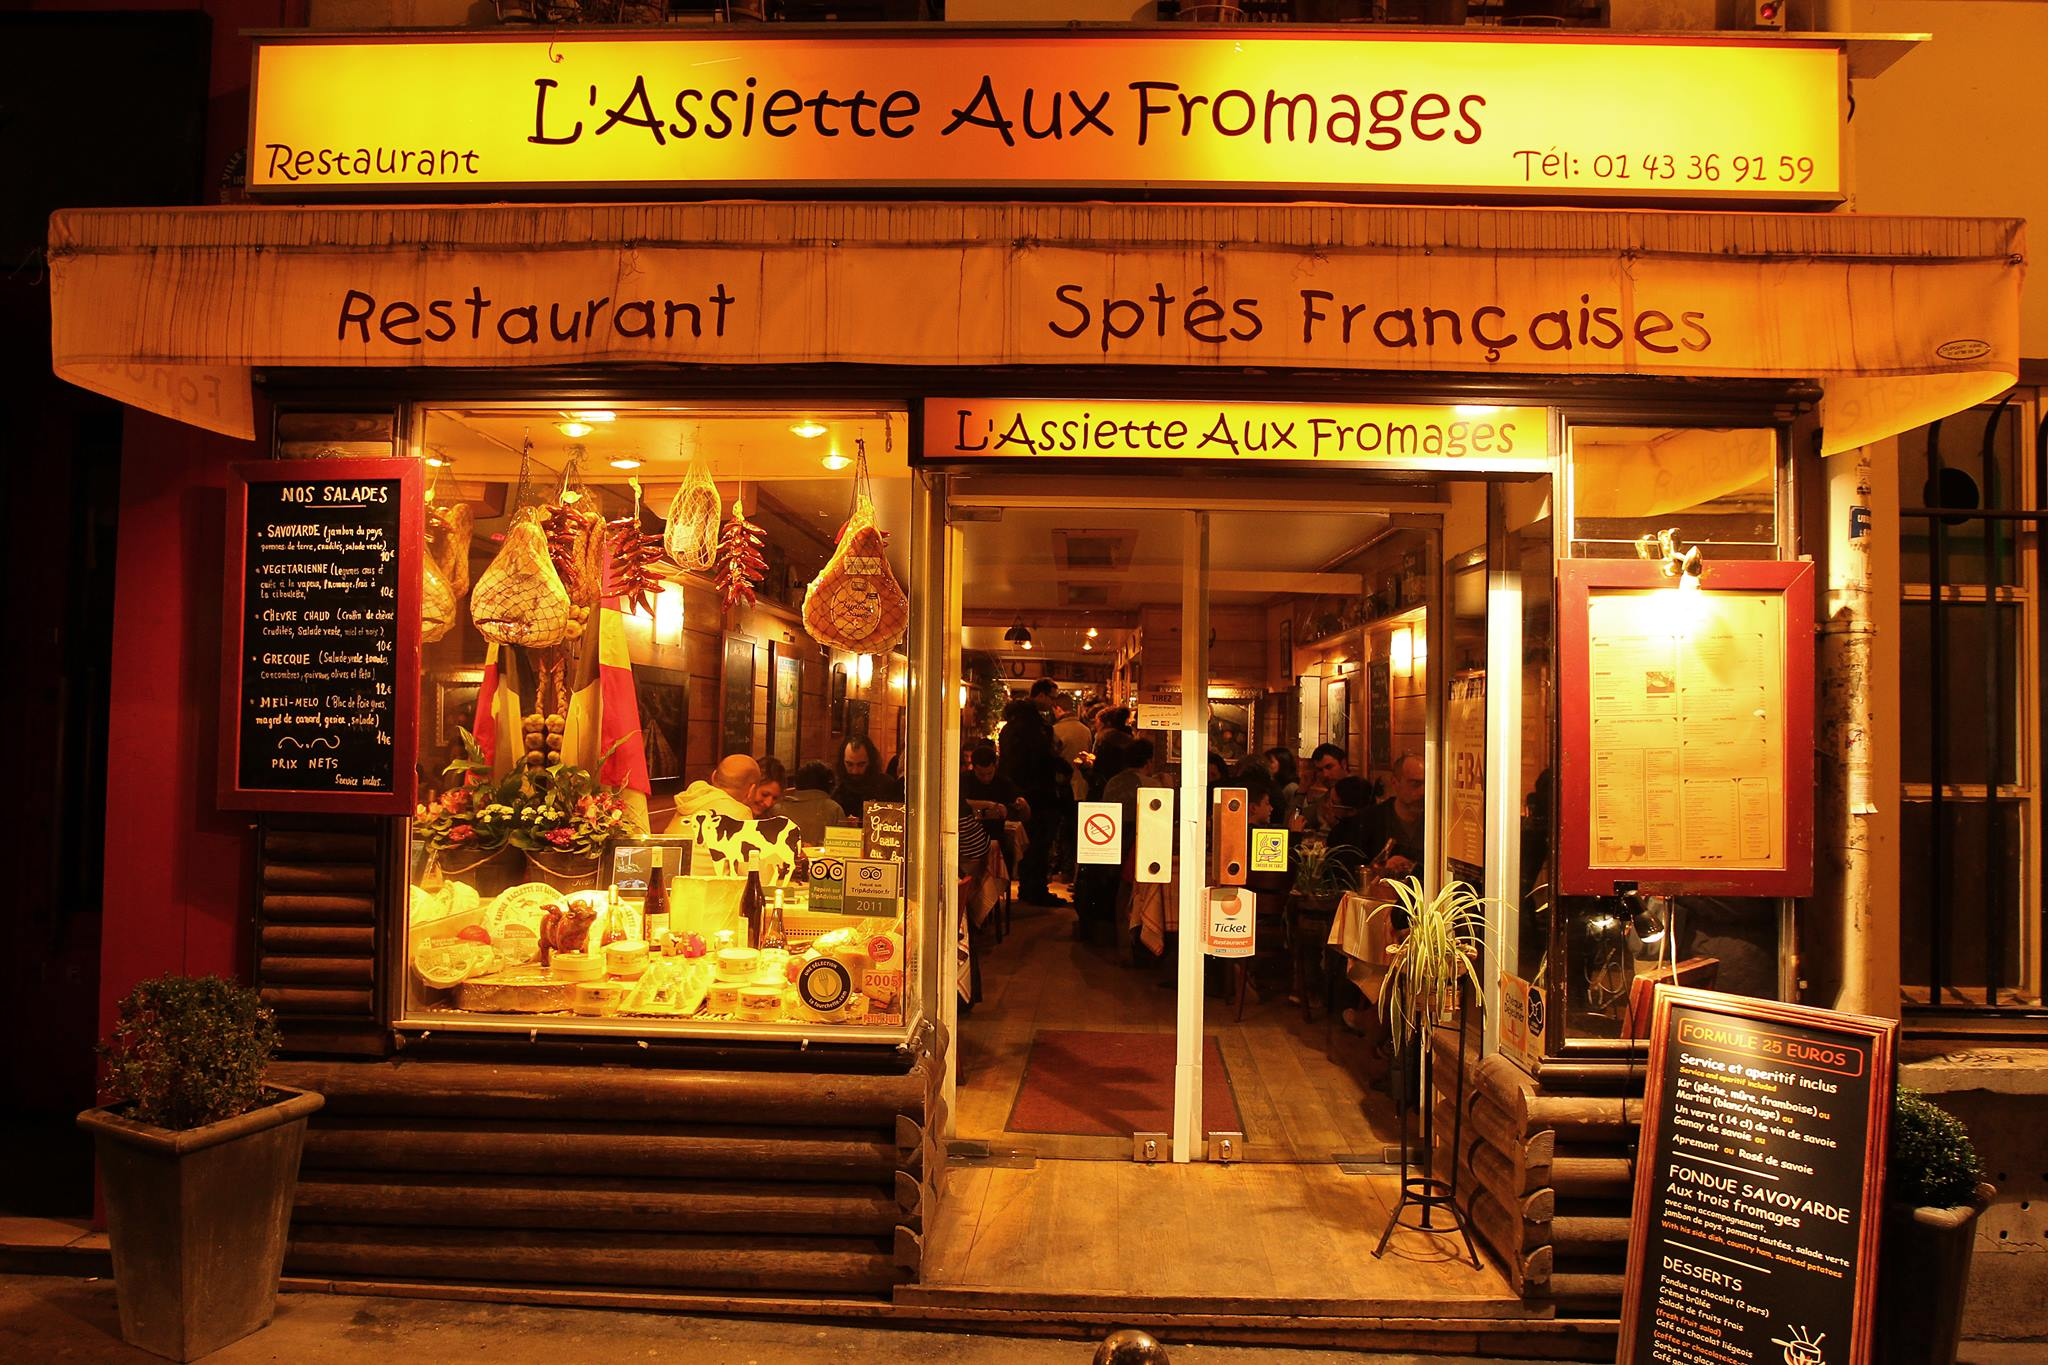 Fondue restaurant L'Assiette aux Fromages - Paris | Fondue.bg